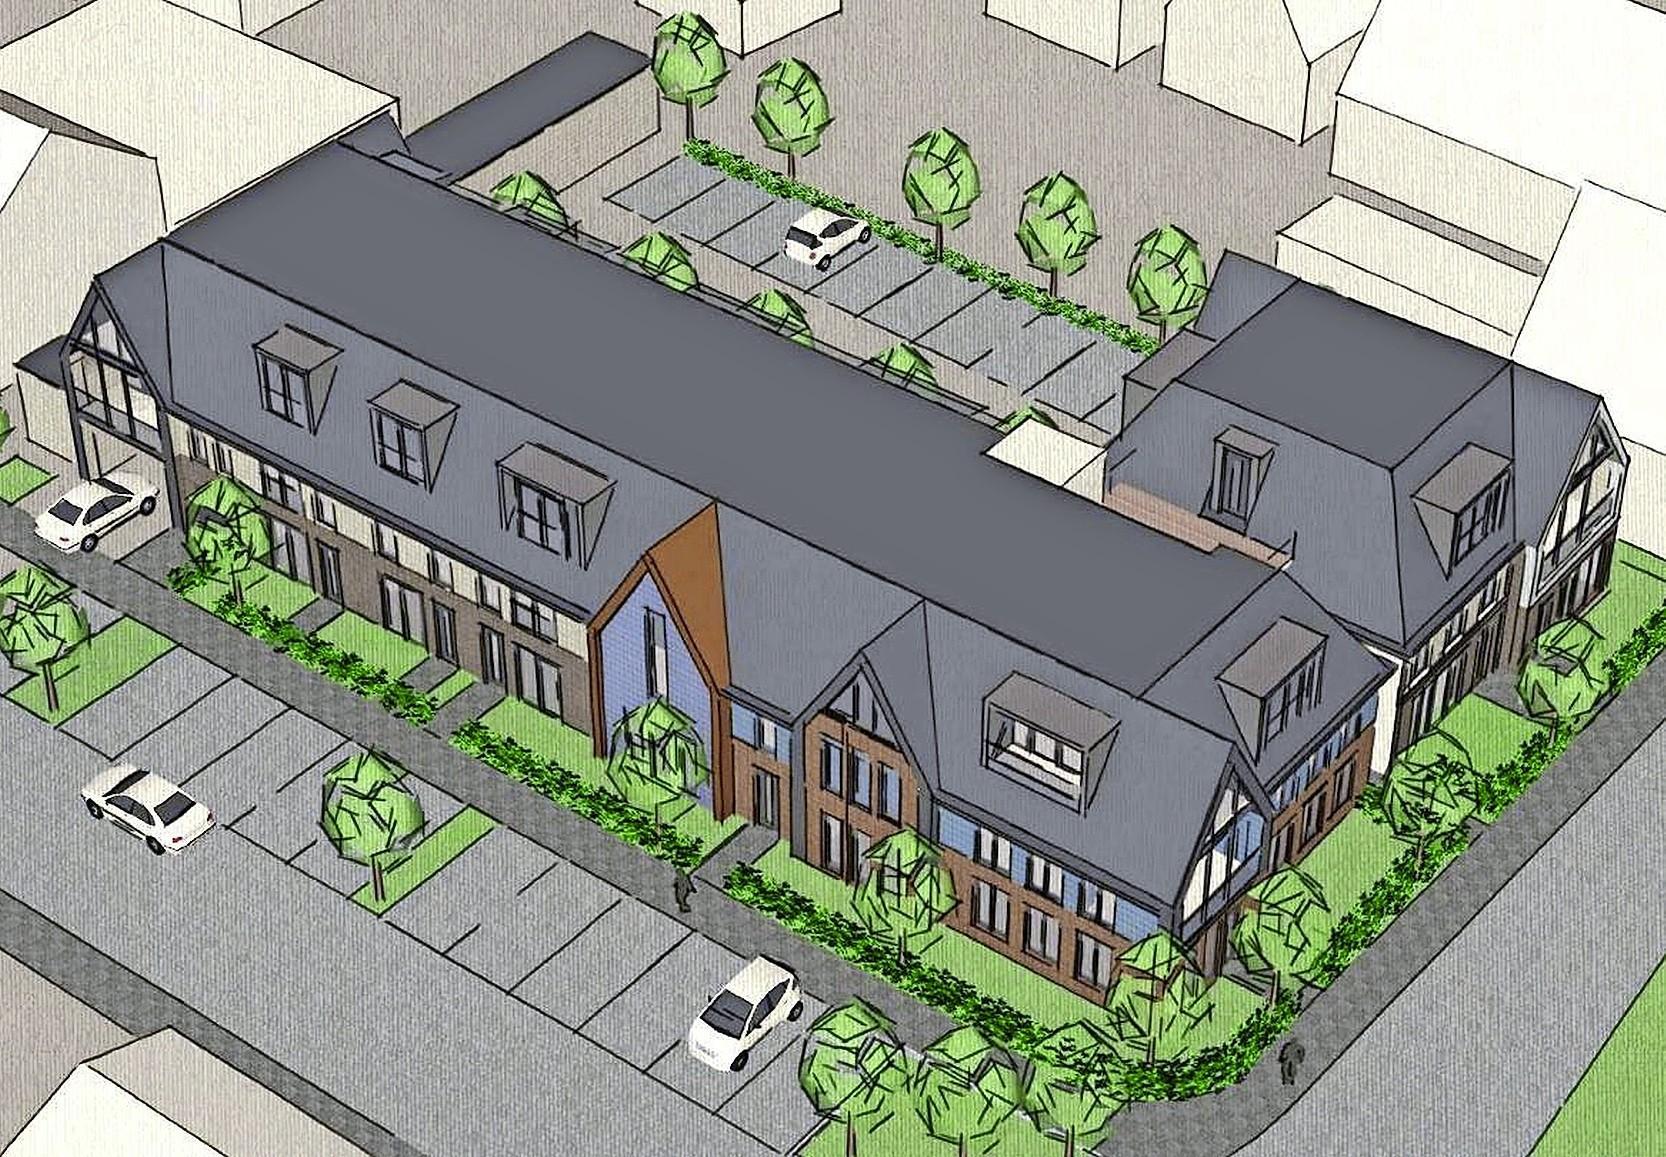 Raad van State veegt alle (parkeer)bezwaren van tafel van Stichting Het Kleinste Huisje in Schermerhorn tegen de komst van 19 appartementen aan de overkant